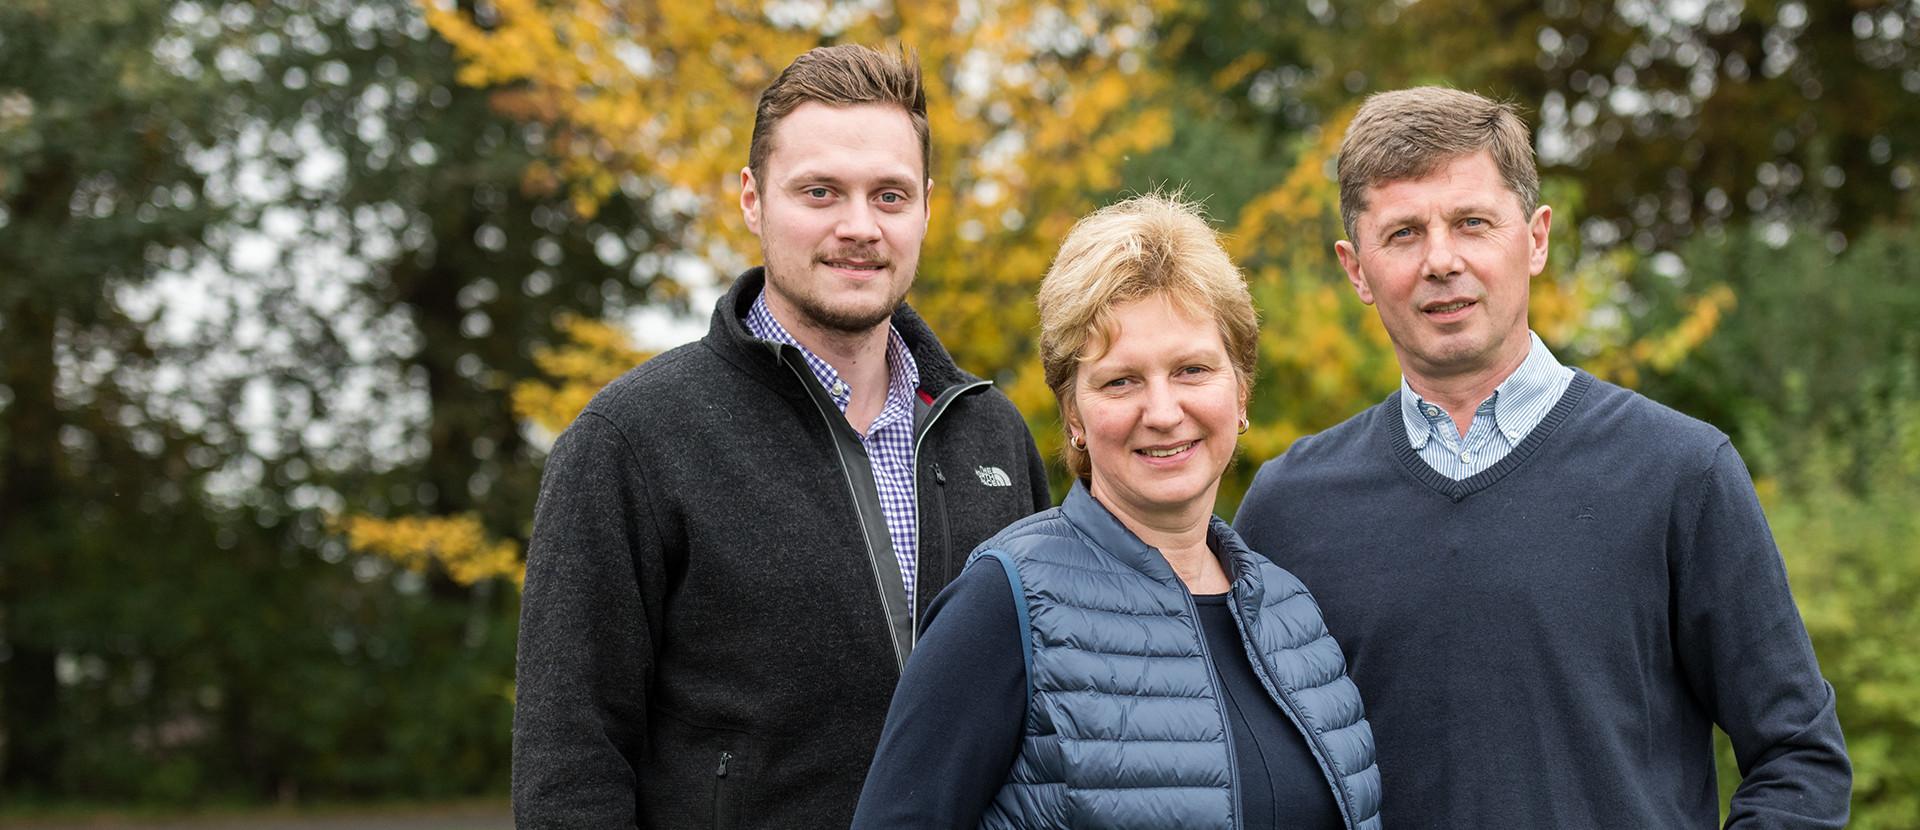 Betriebsfamilie, zwei Männer und eine Frau, vor unscharfen Bäumen